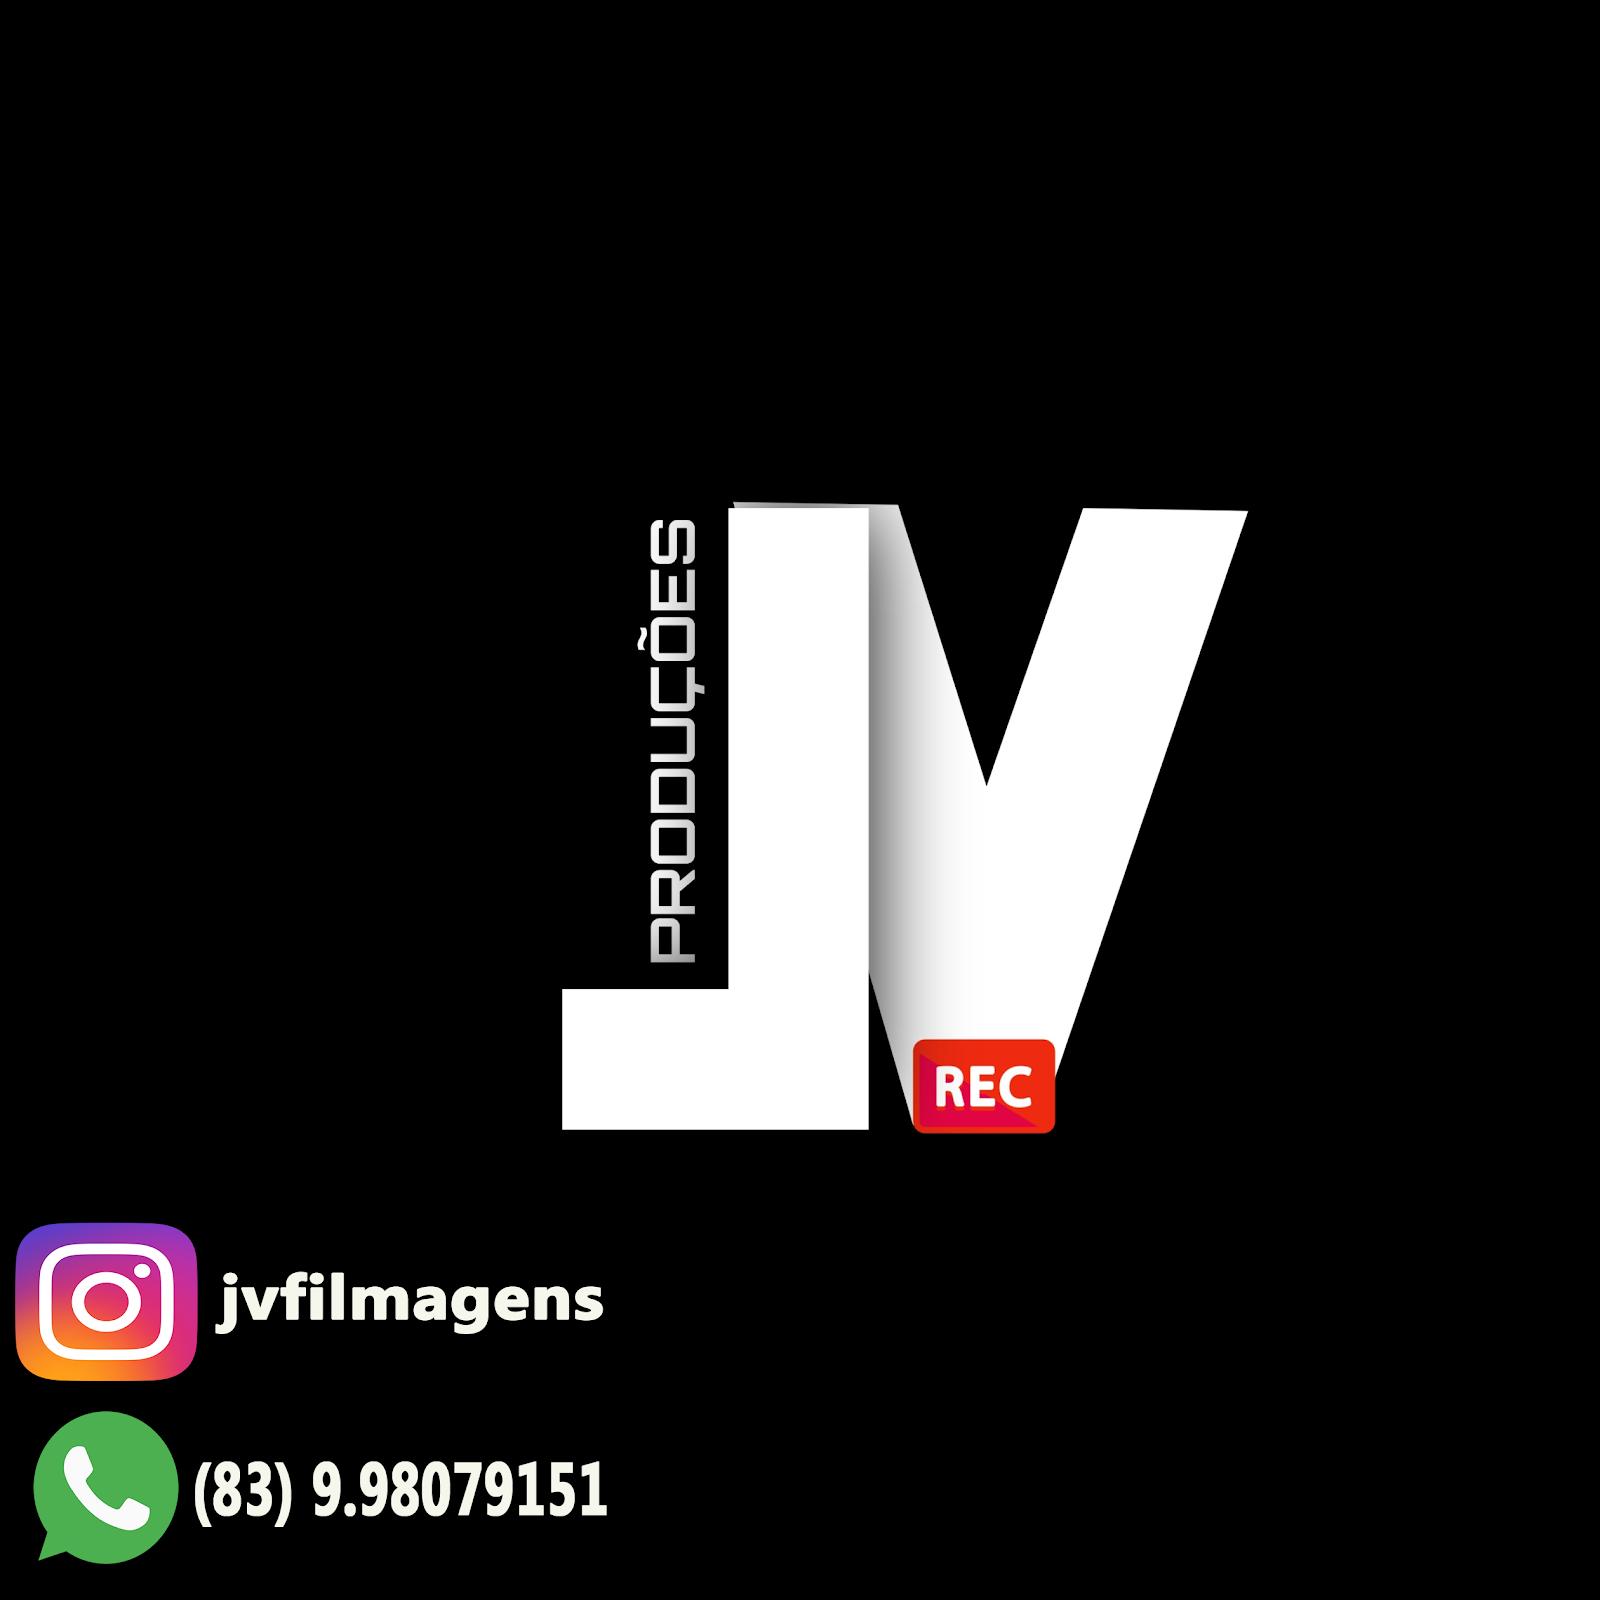 LV FILMAGENS